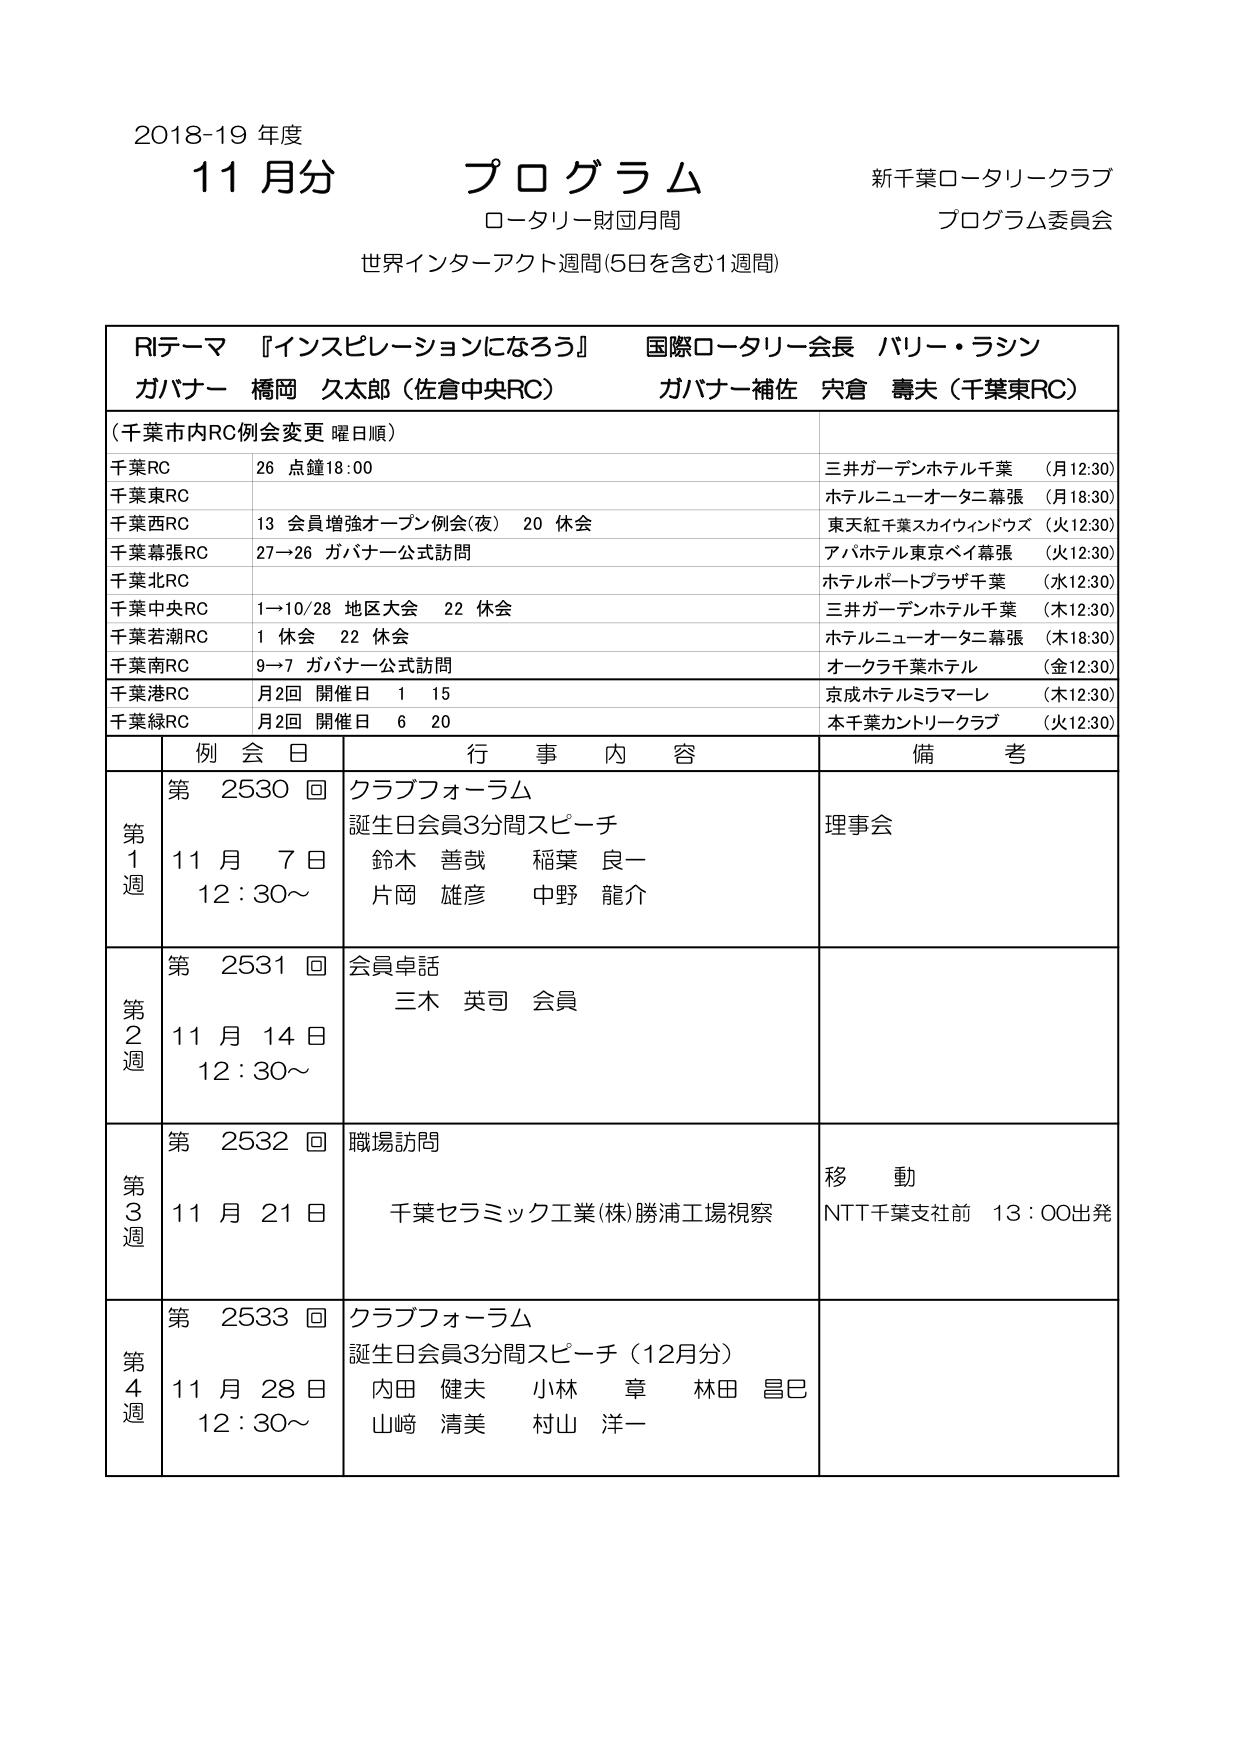 月プログラム18-19 (1)